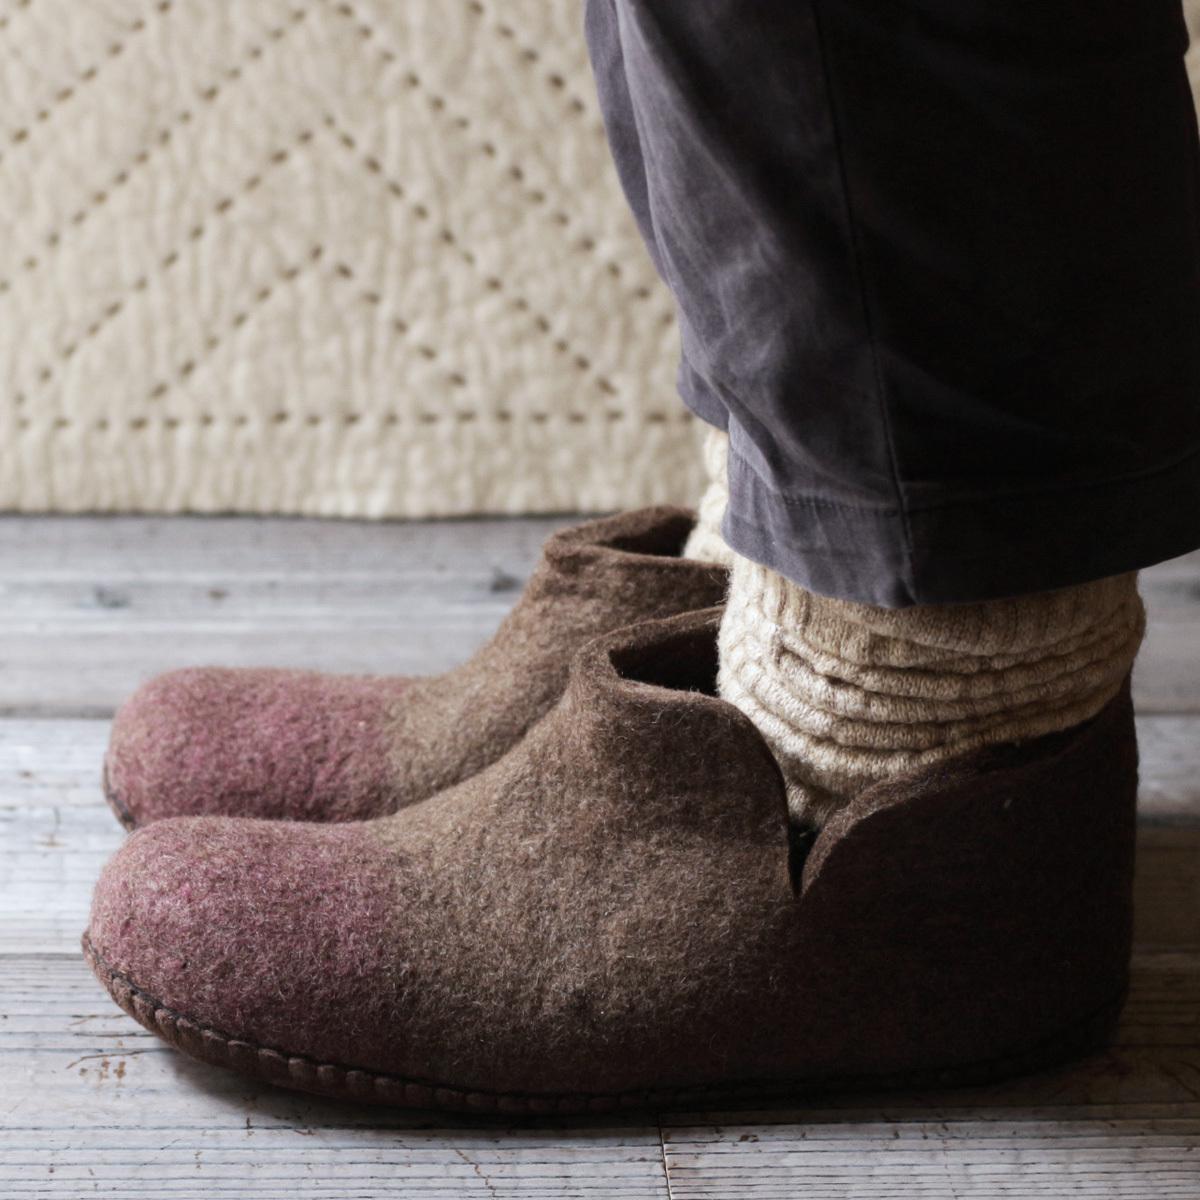 モンゴル羊毛のルームブーツ MUNAGE x PINK  / 2020 Winter